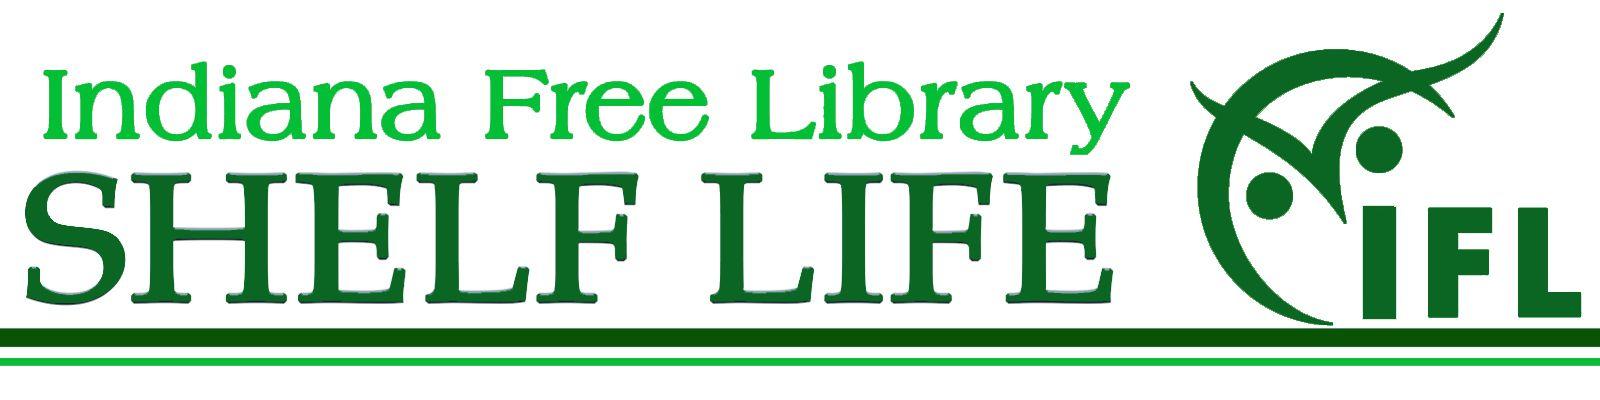 IFL Fall 2020 Newsletter